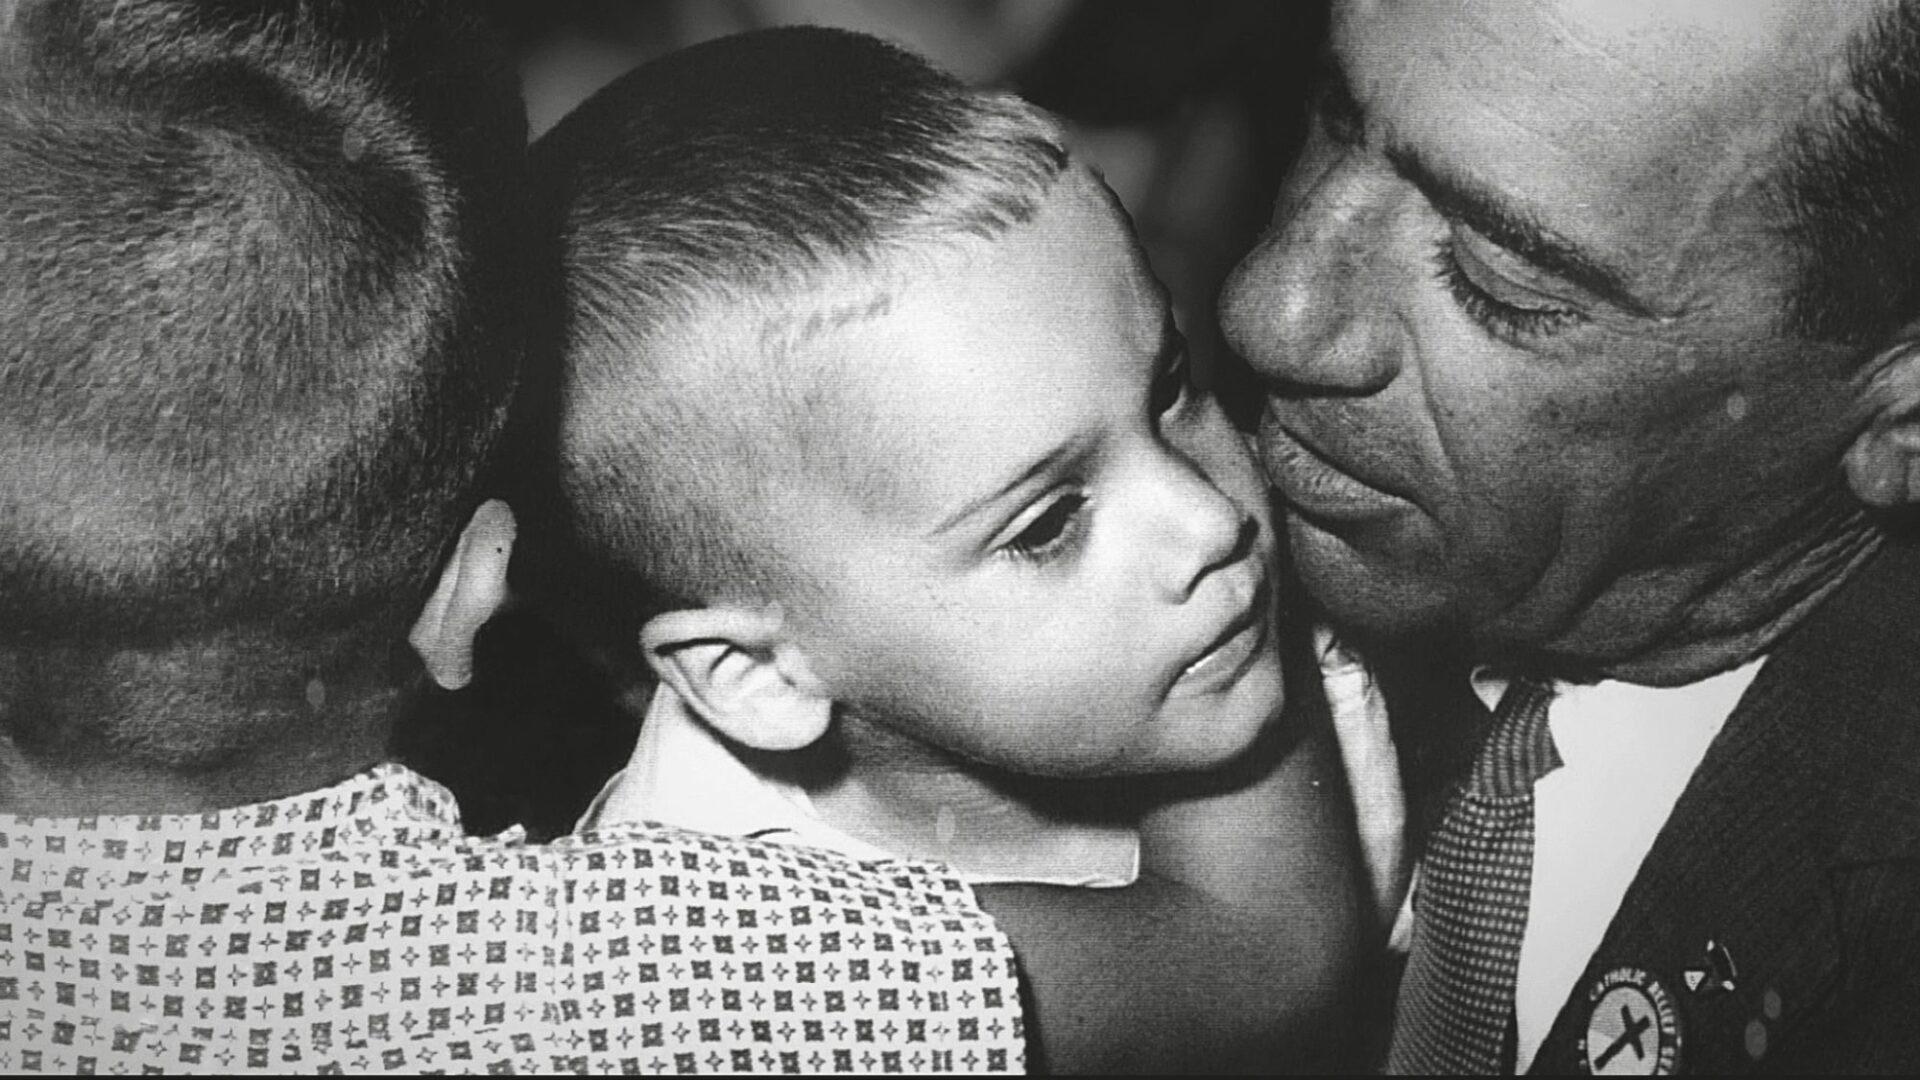 Kuuban lasten exodus – Historiadokumentti